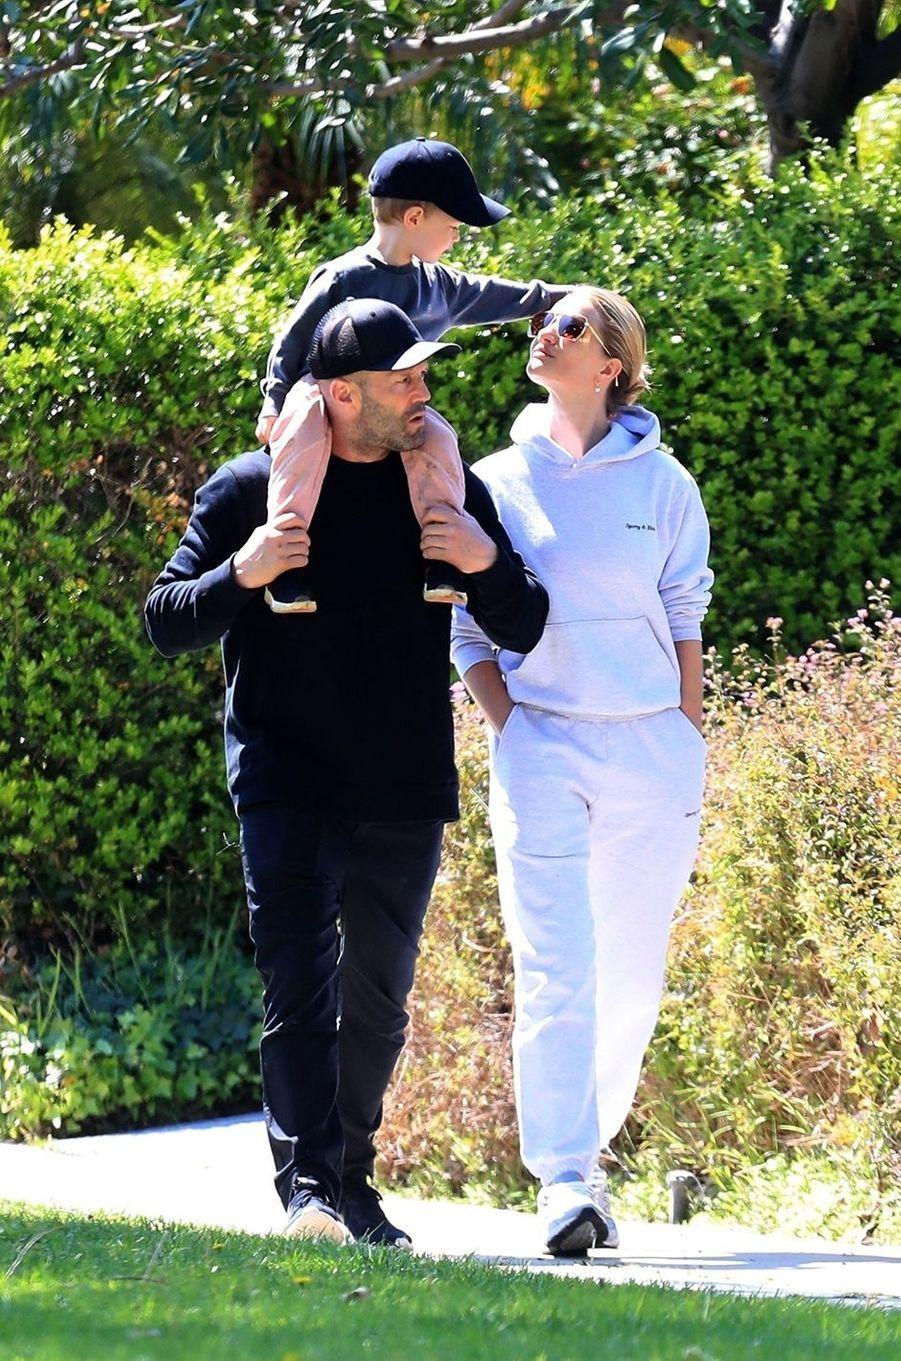 JasonStatham, Rosie Huntington-Whiteley et leur fils Jack à Los Angeles le 11 avril 2020